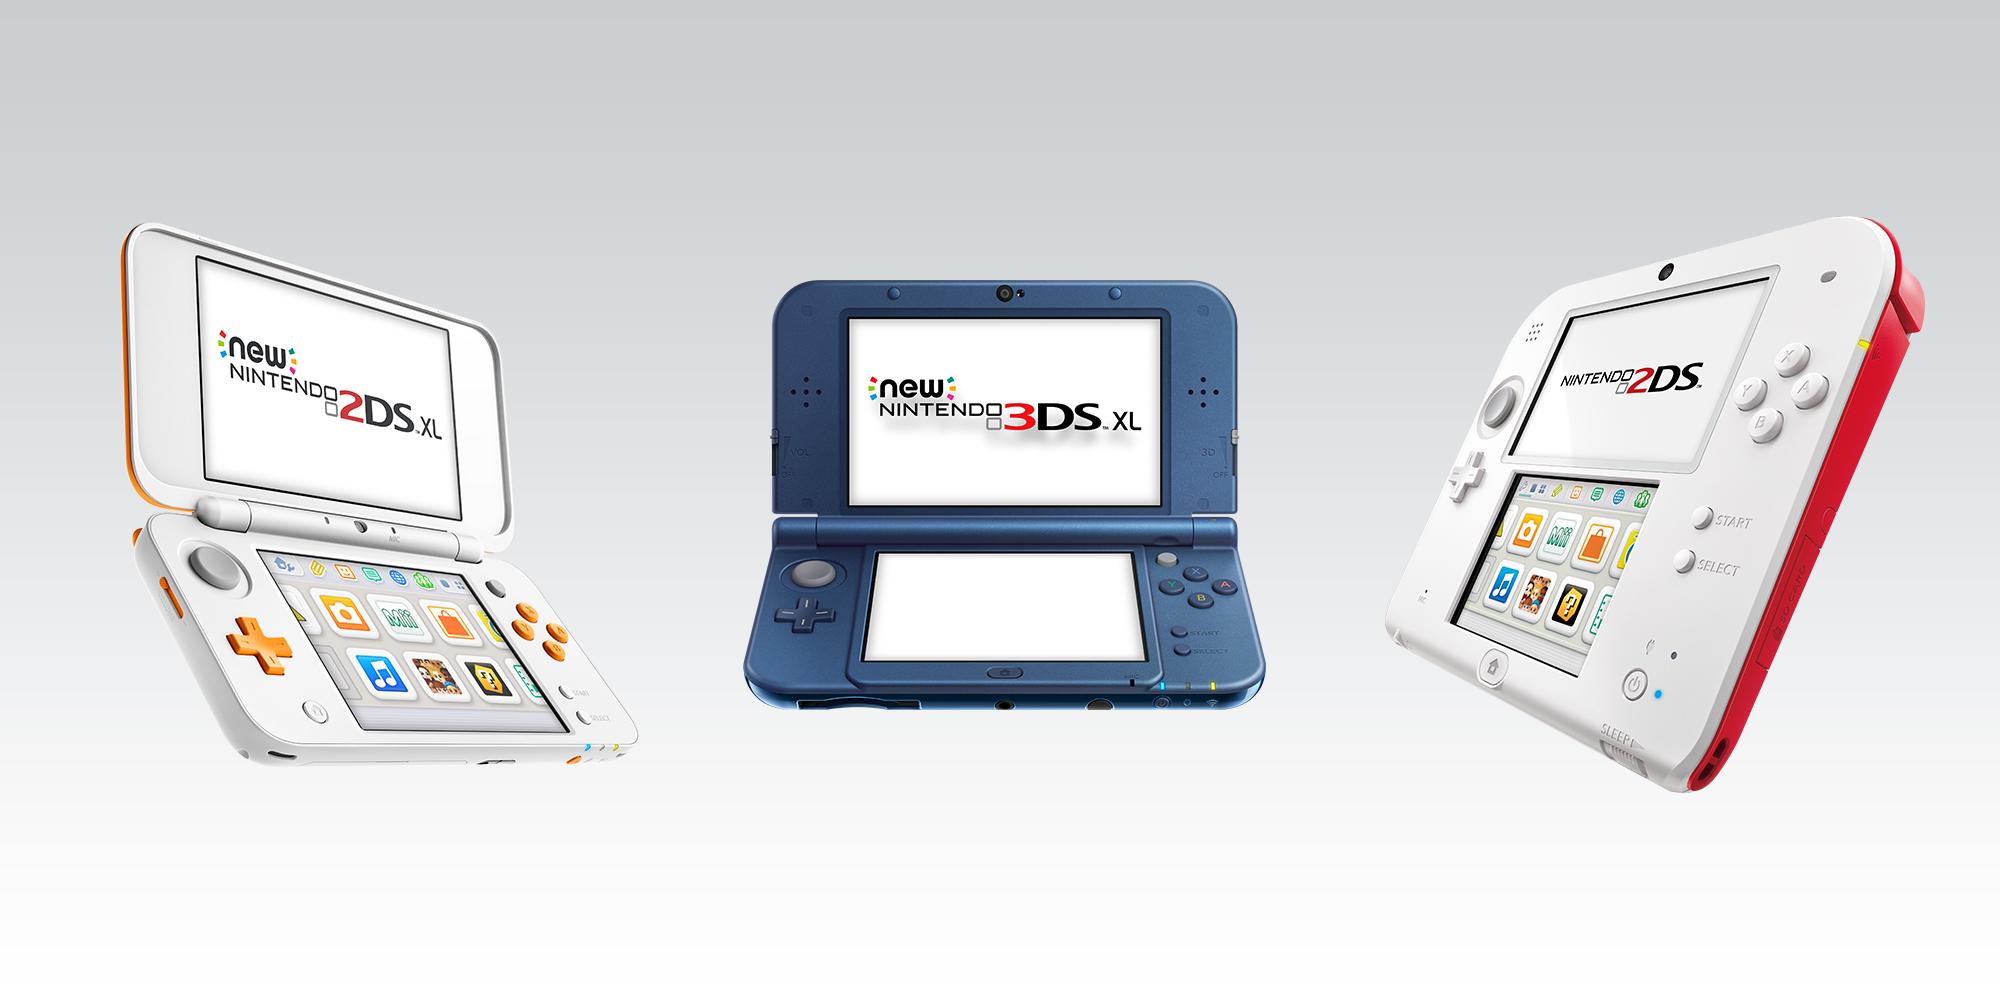 Le migliori console per il retrogaming: Nintendo 3ds/2ds